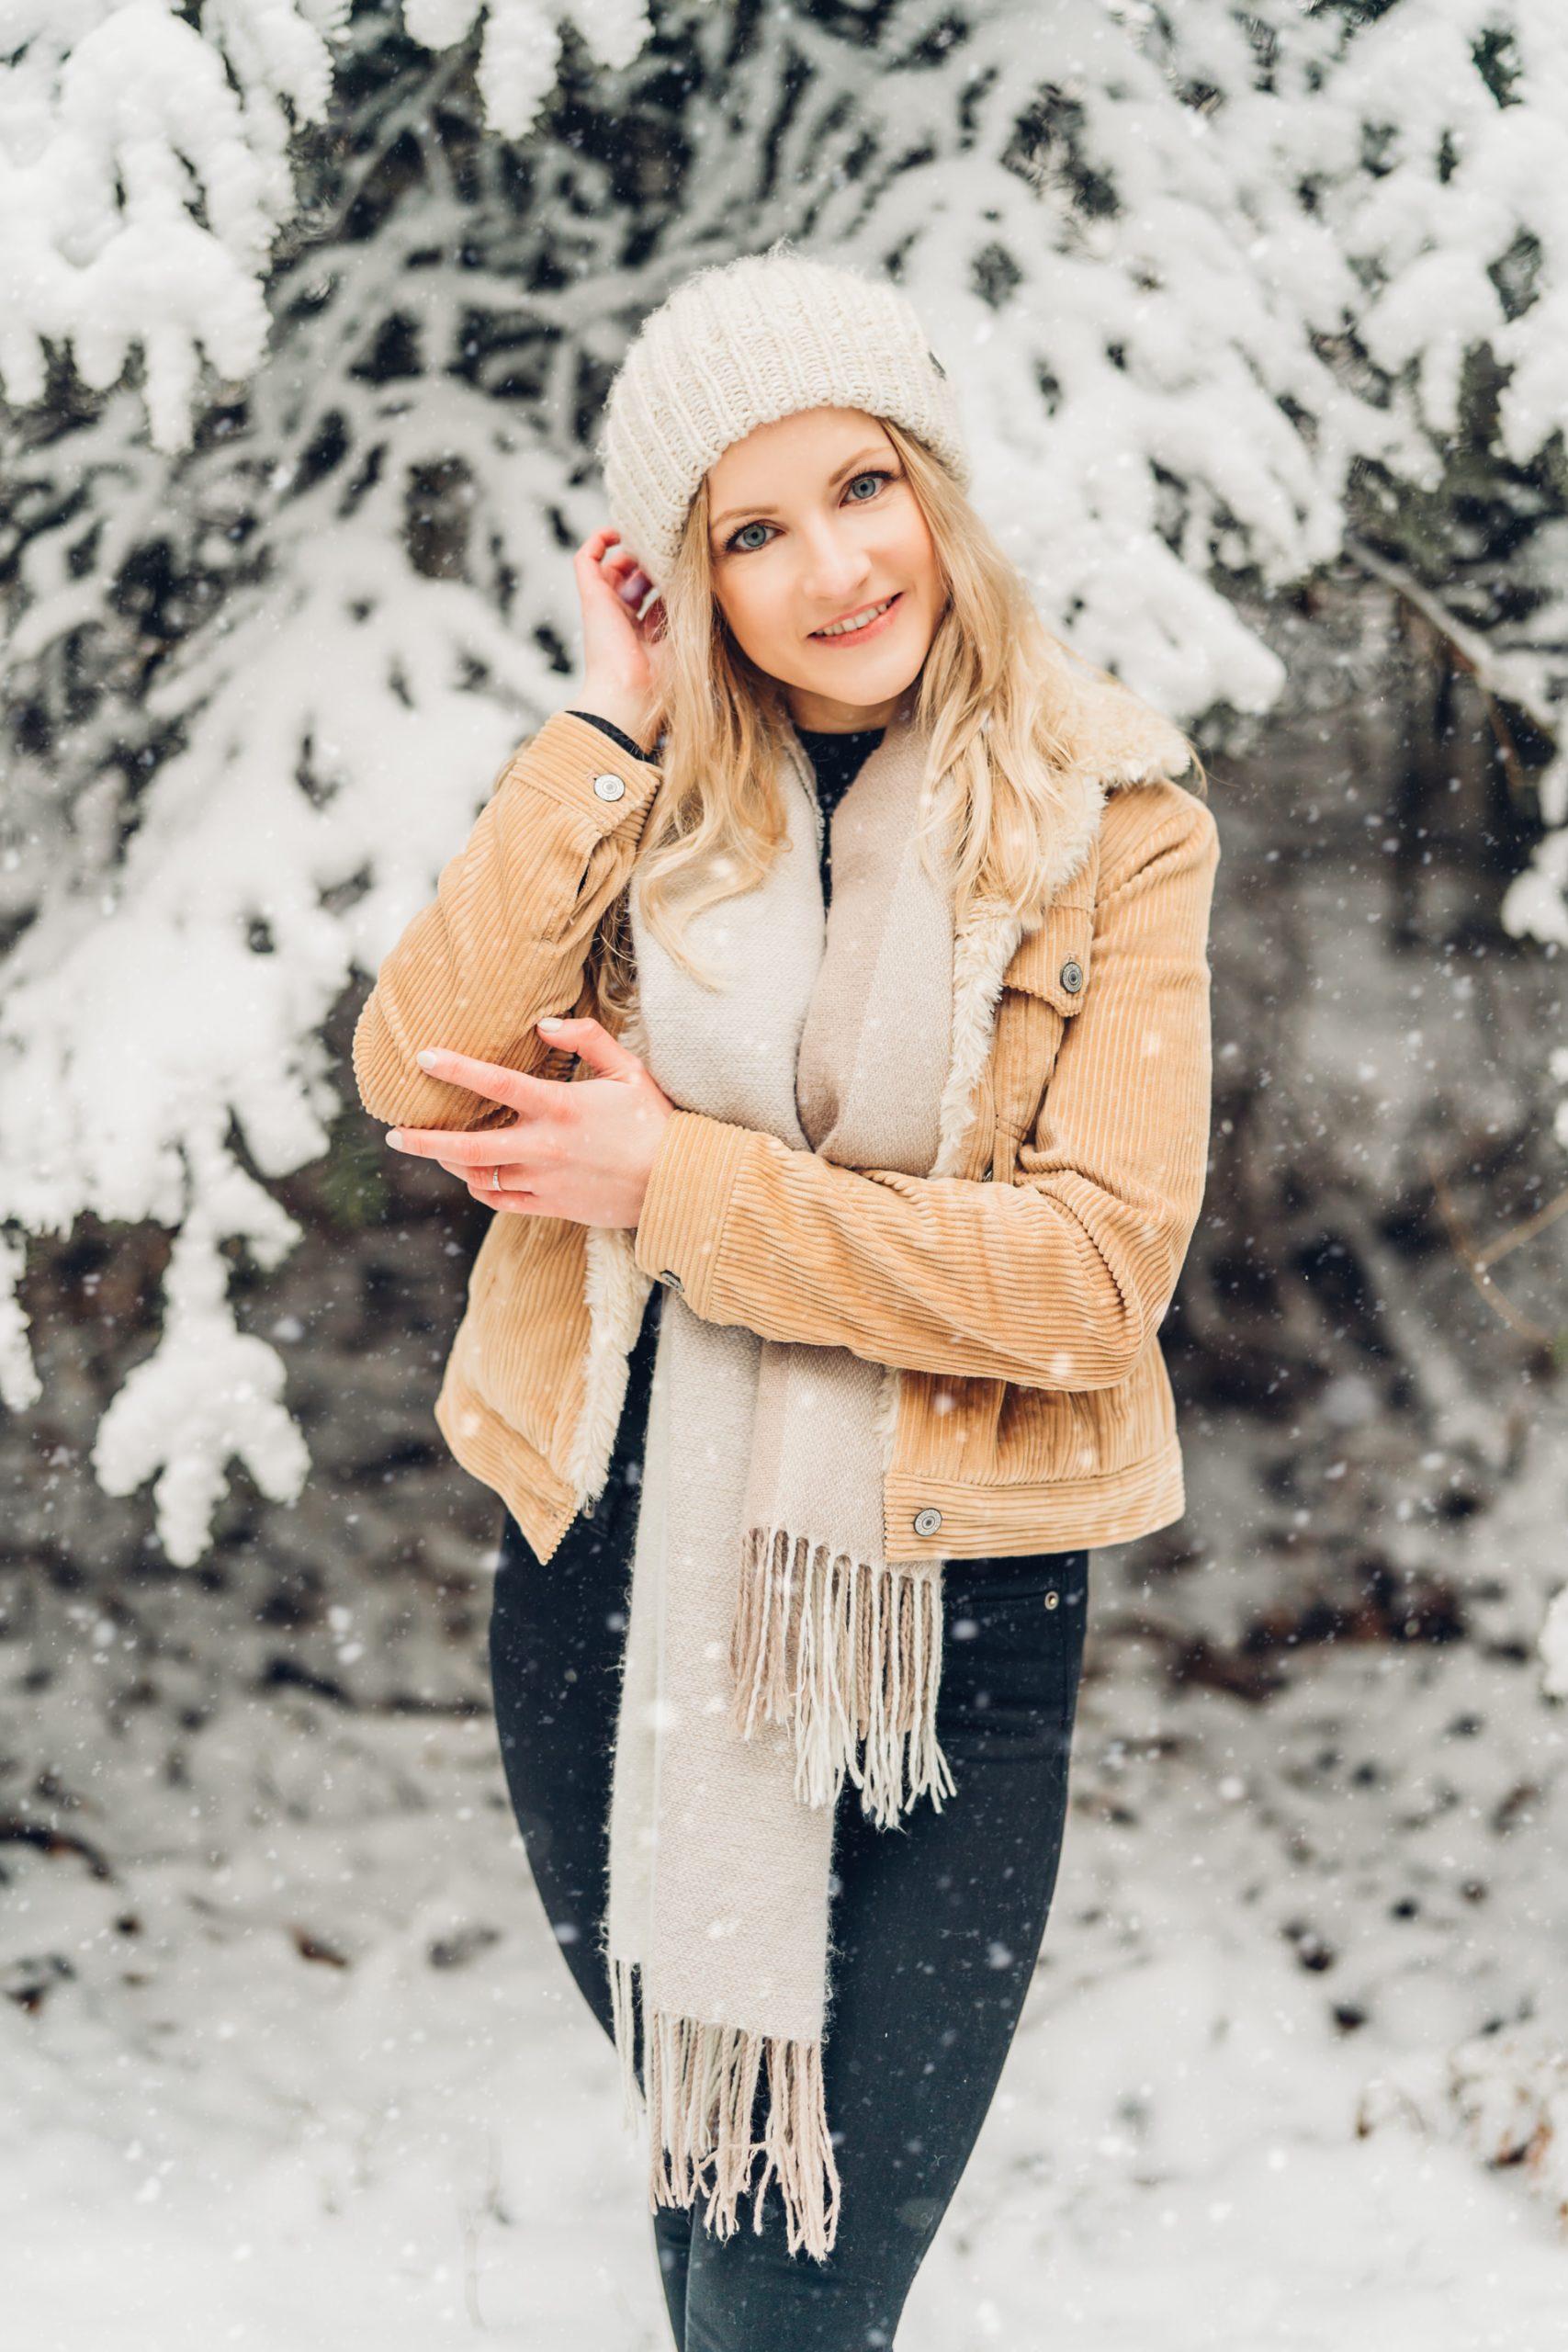 Portraitfotos junge Frau im Schnee